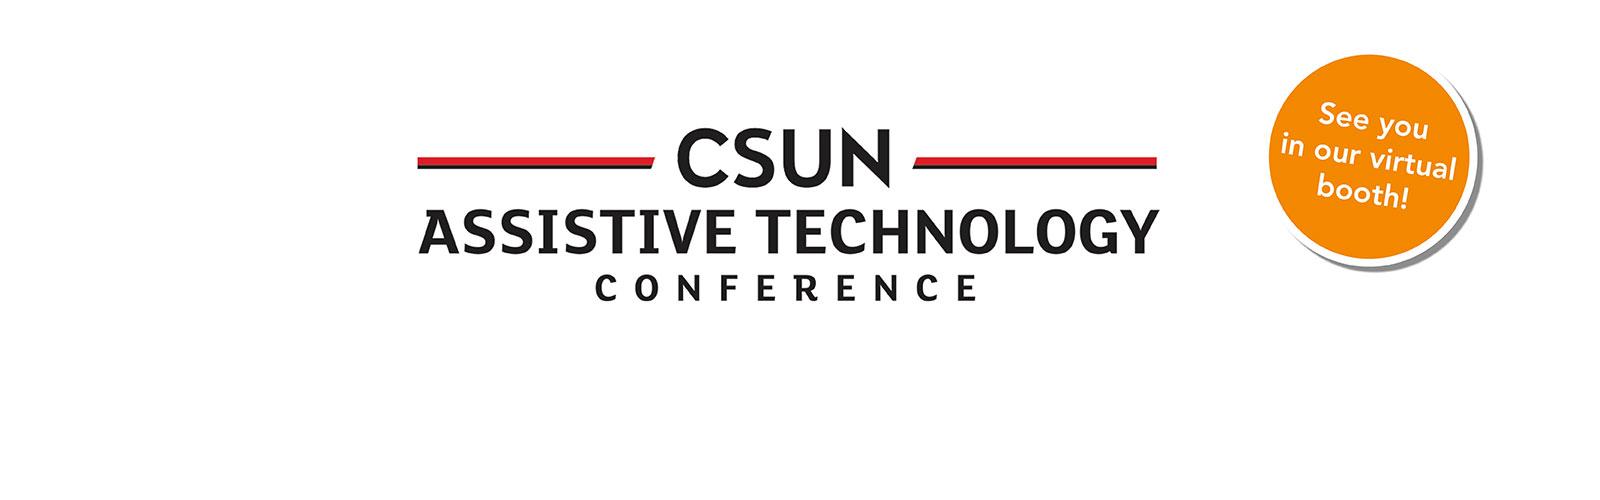 Join us at virtual CSUN 2021!